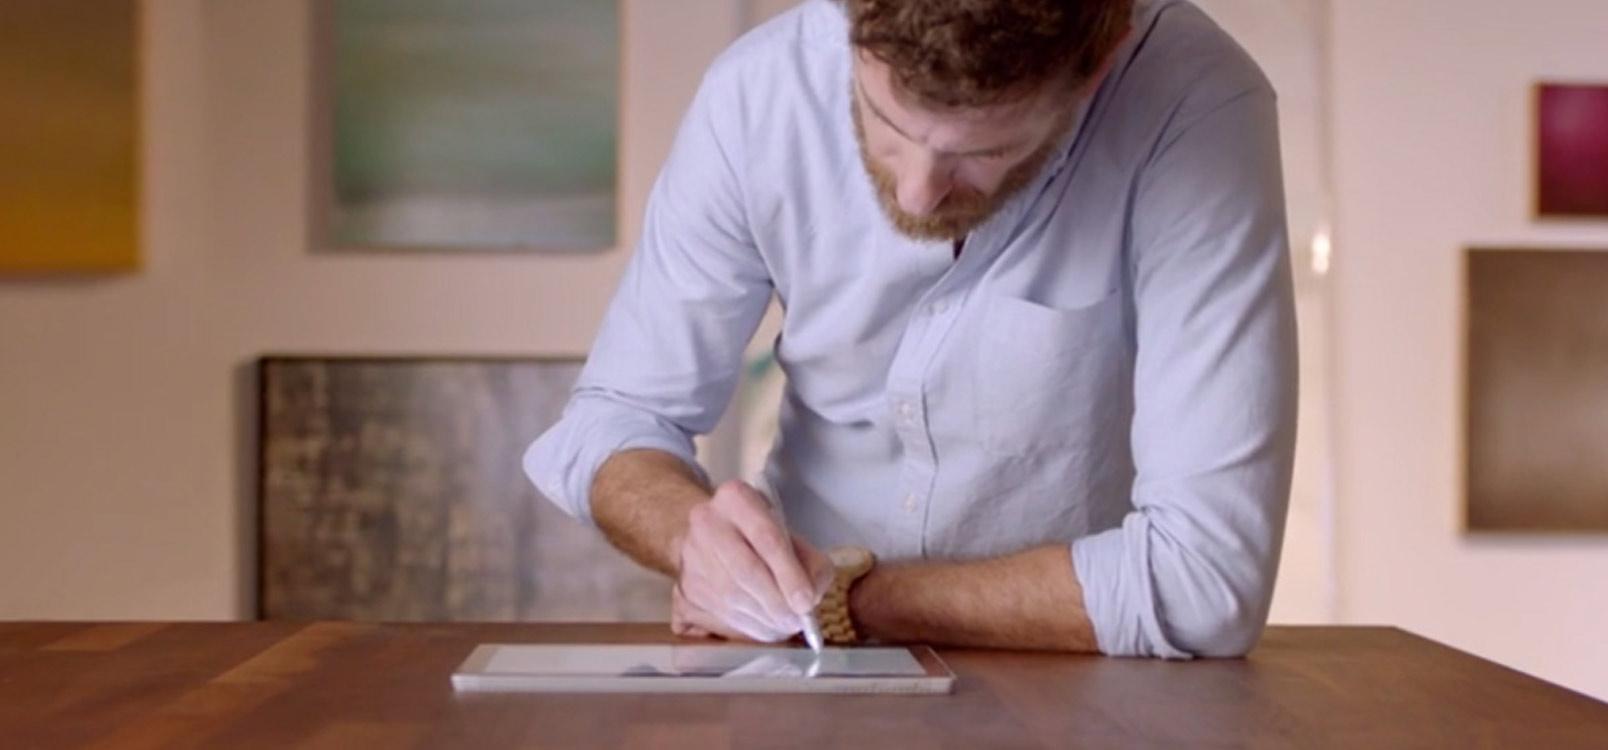 Zwei Personen blicken auf das Display eines Smartphones, Informationen zur Teamarbeit in Office